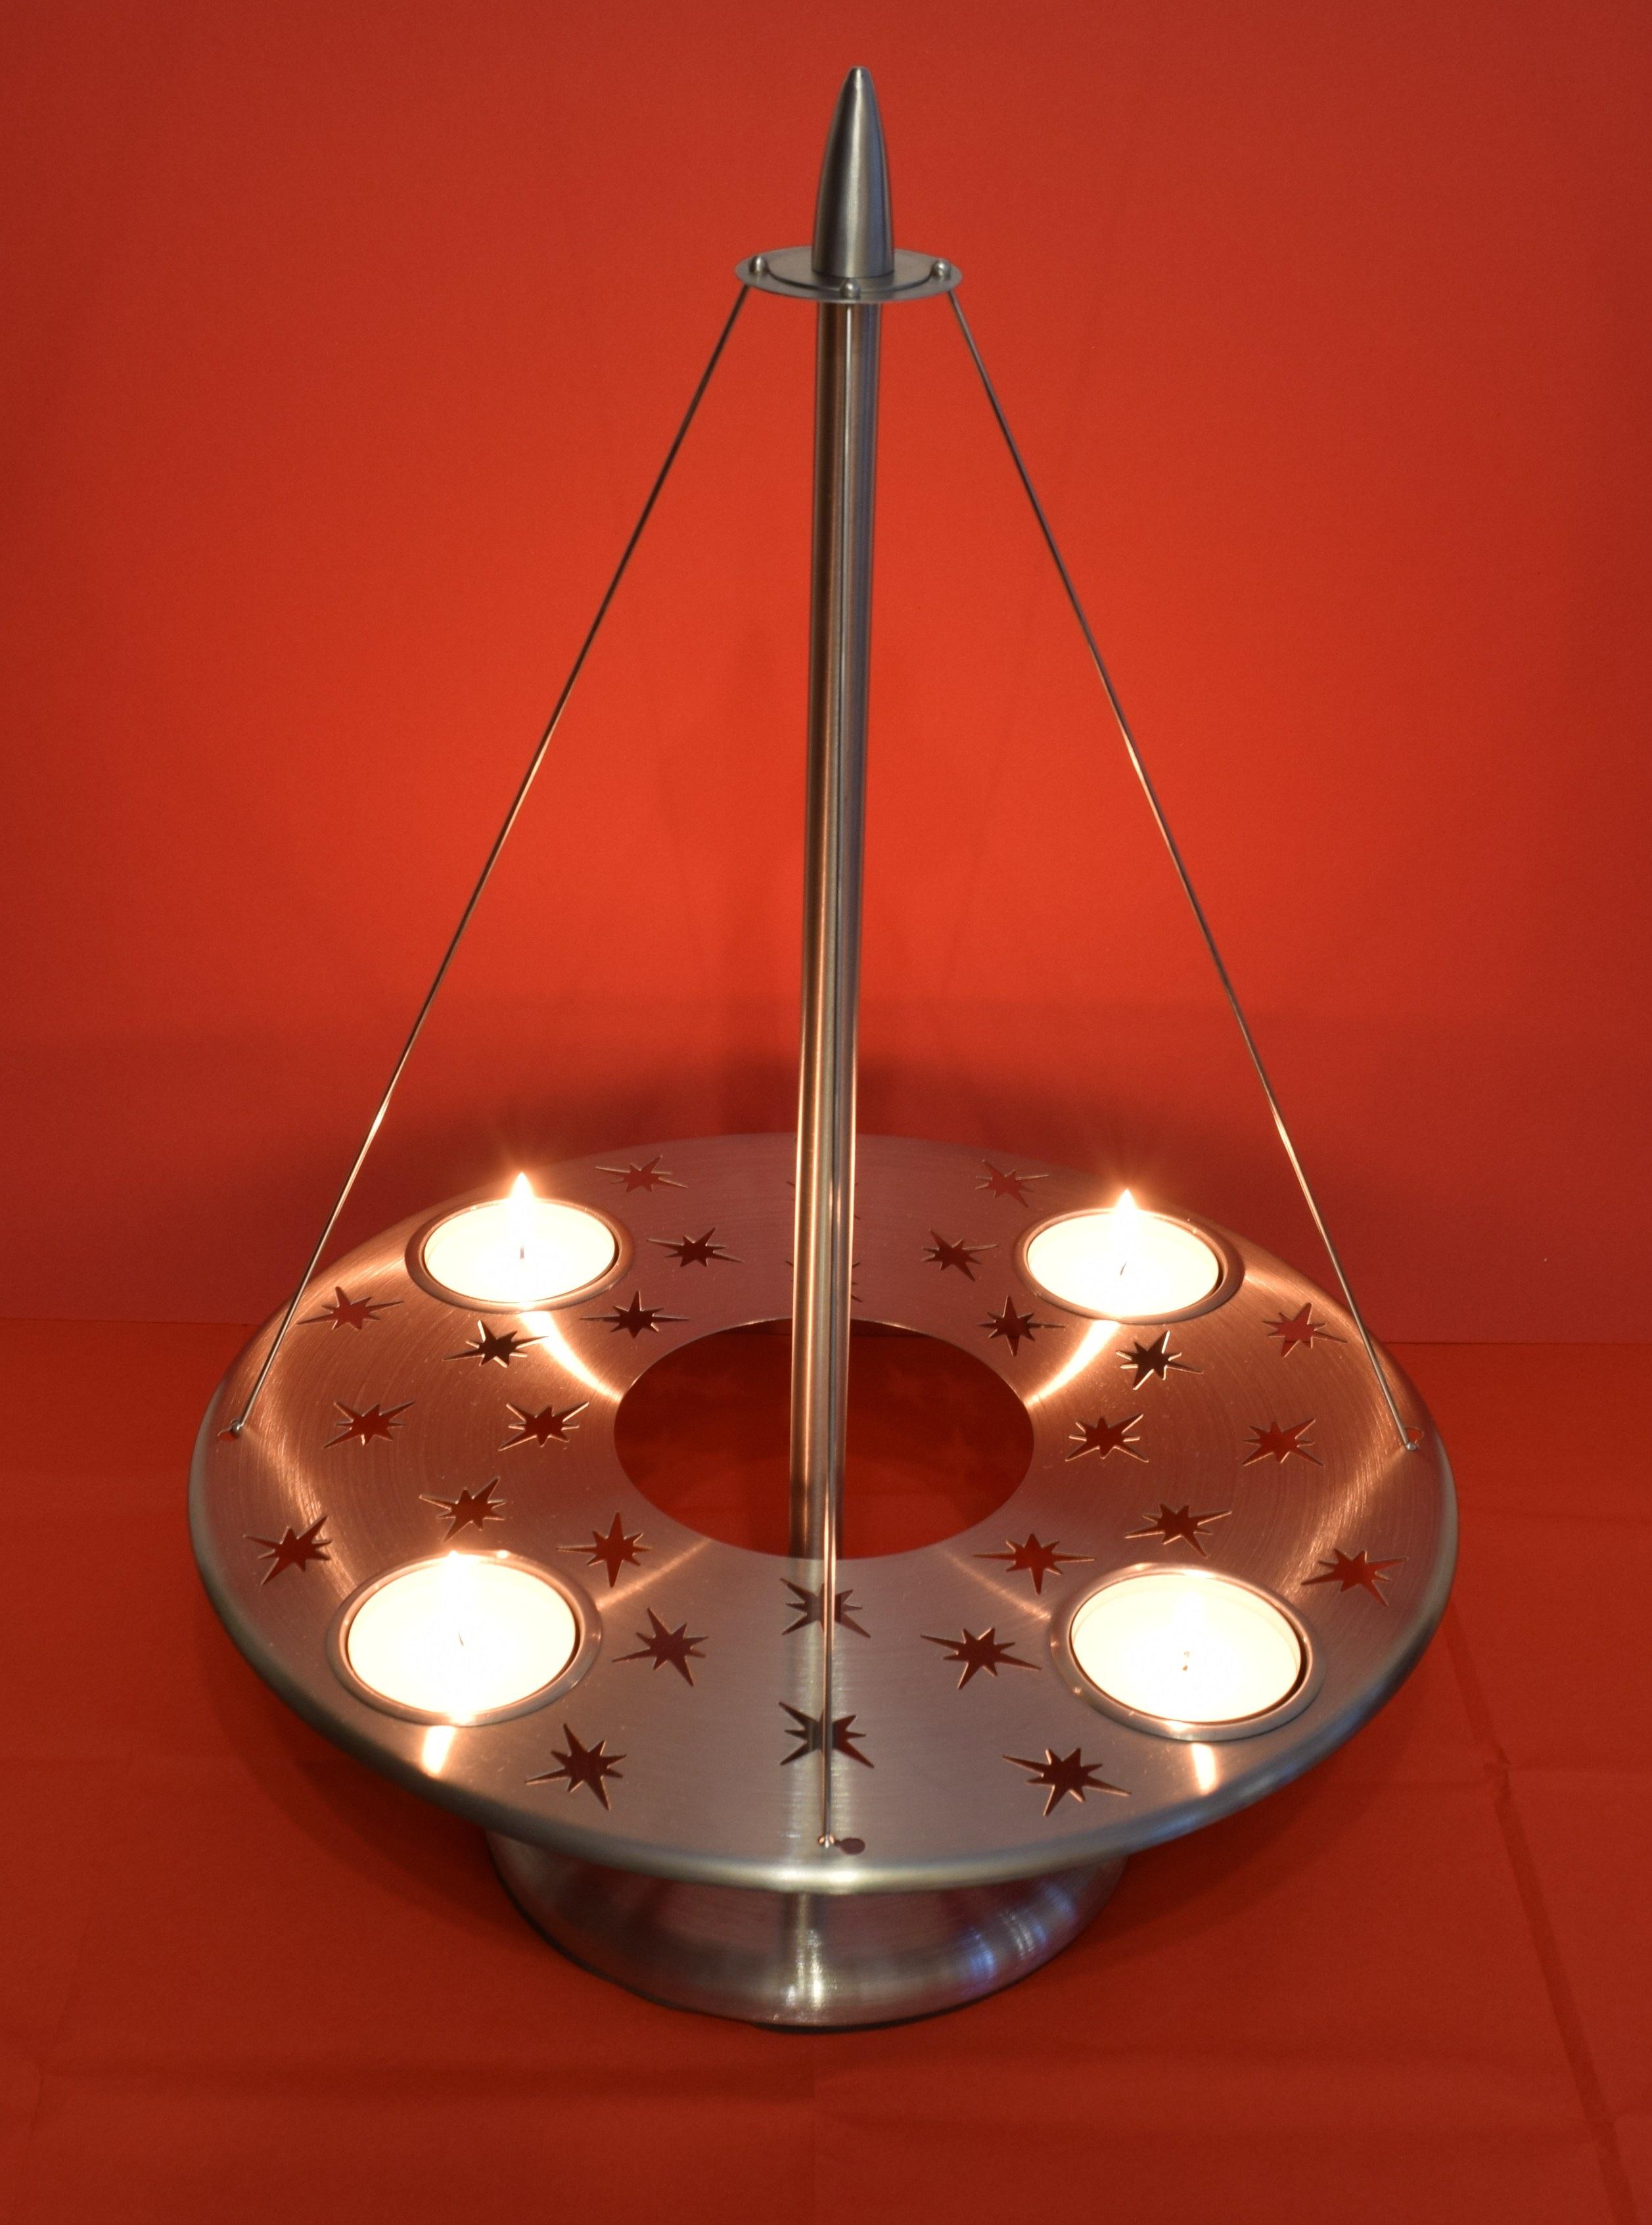 Immagini belle leggero atmosfera soffitto fiamma romanza lampada natale illuminazione - Adventskranz edelstahl dekorieren ...